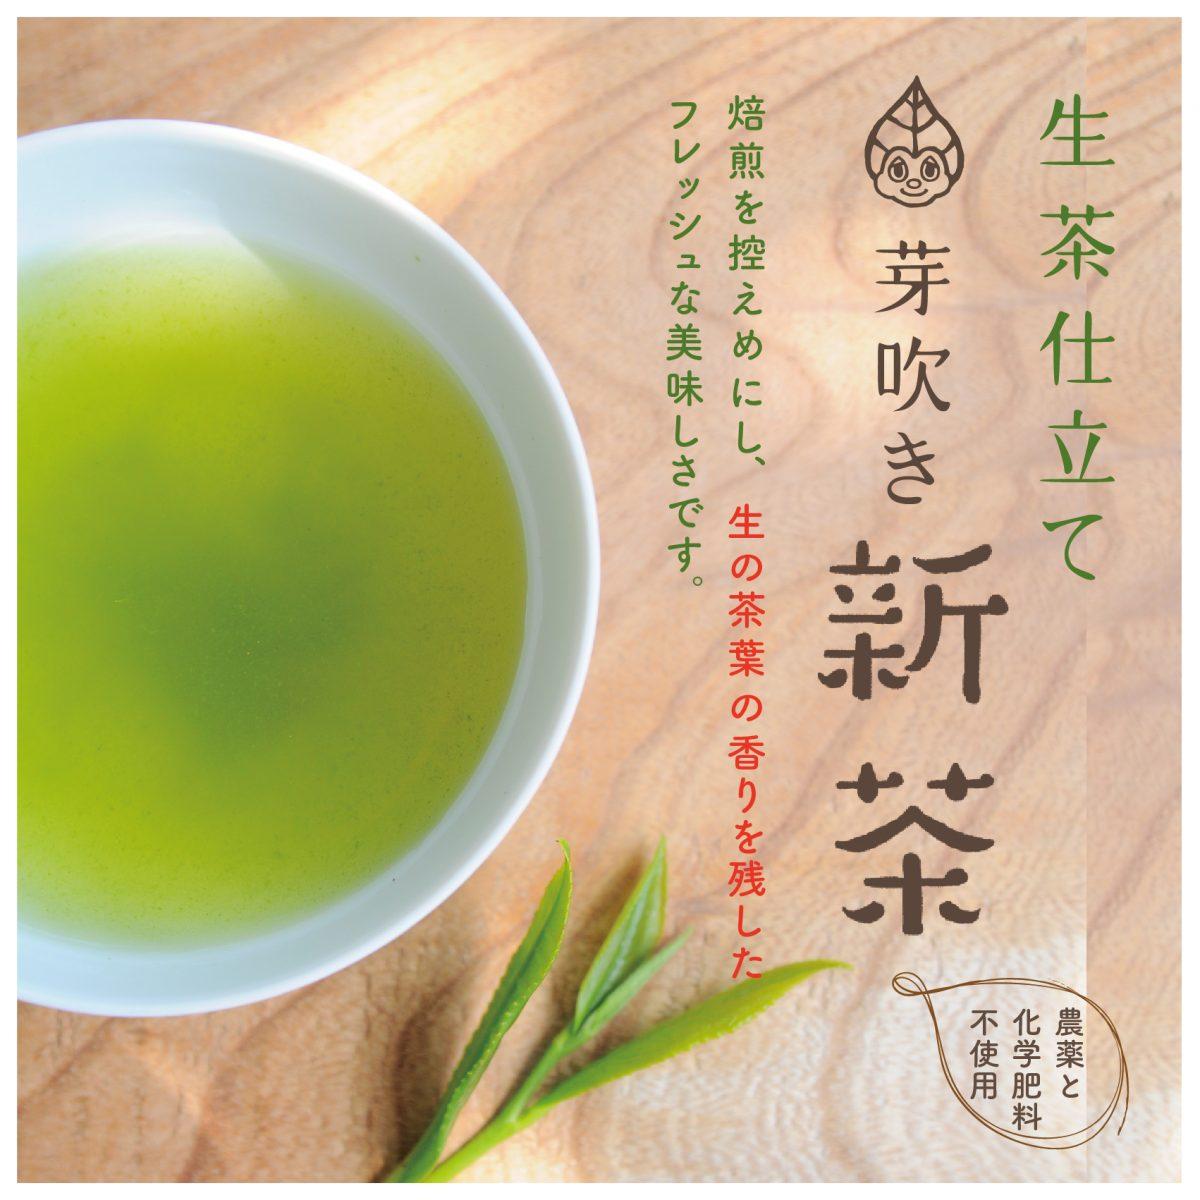 芽吹き新茶2021・ご予約承り中です!